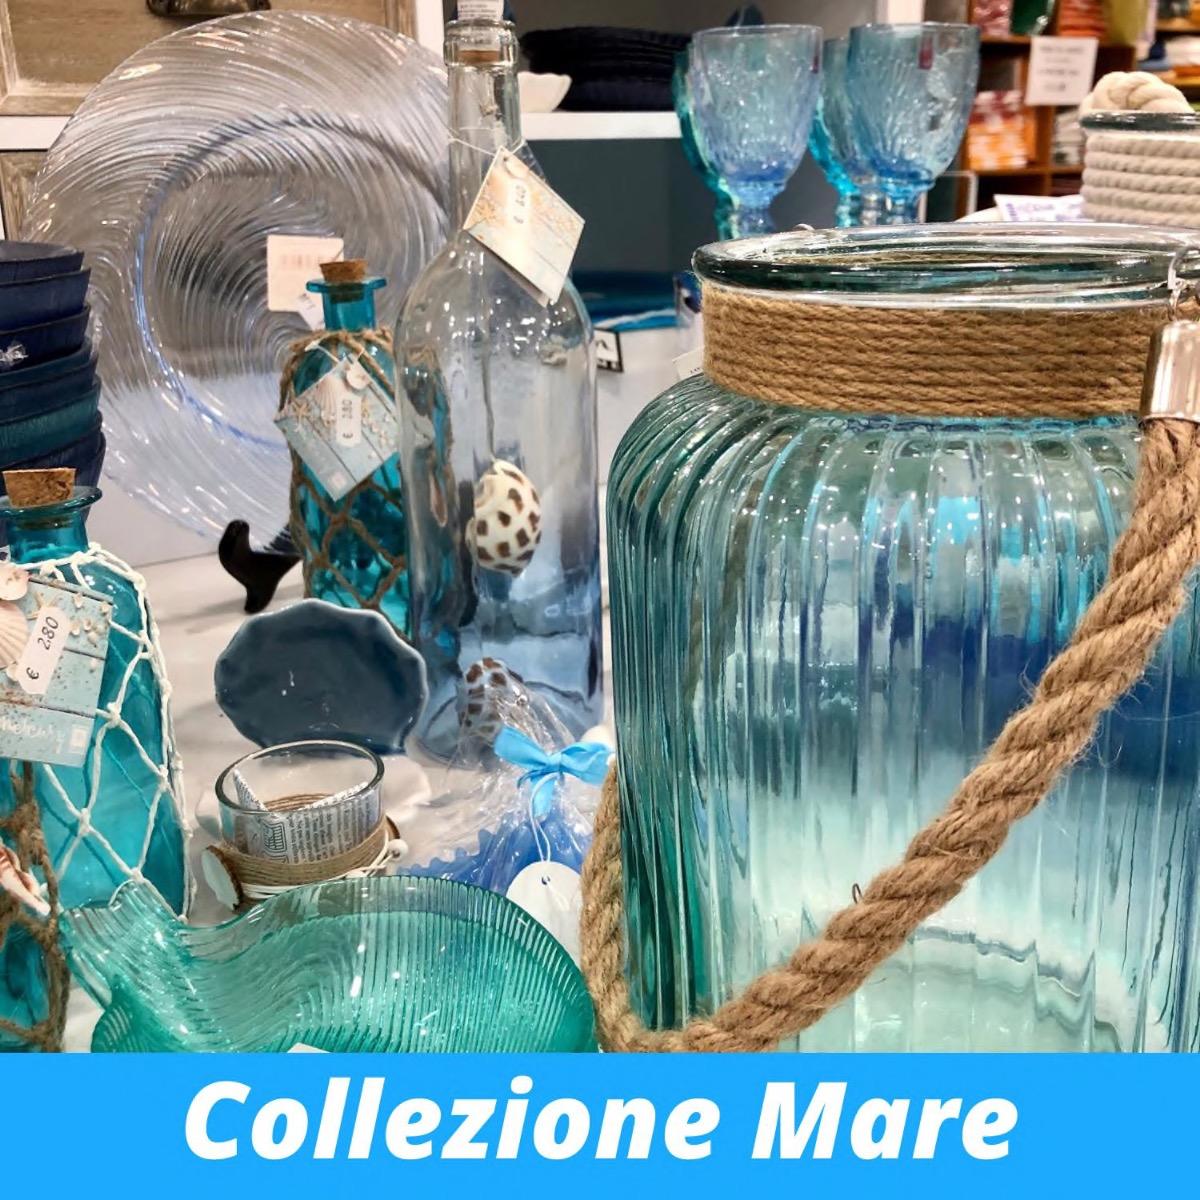 collezione mare